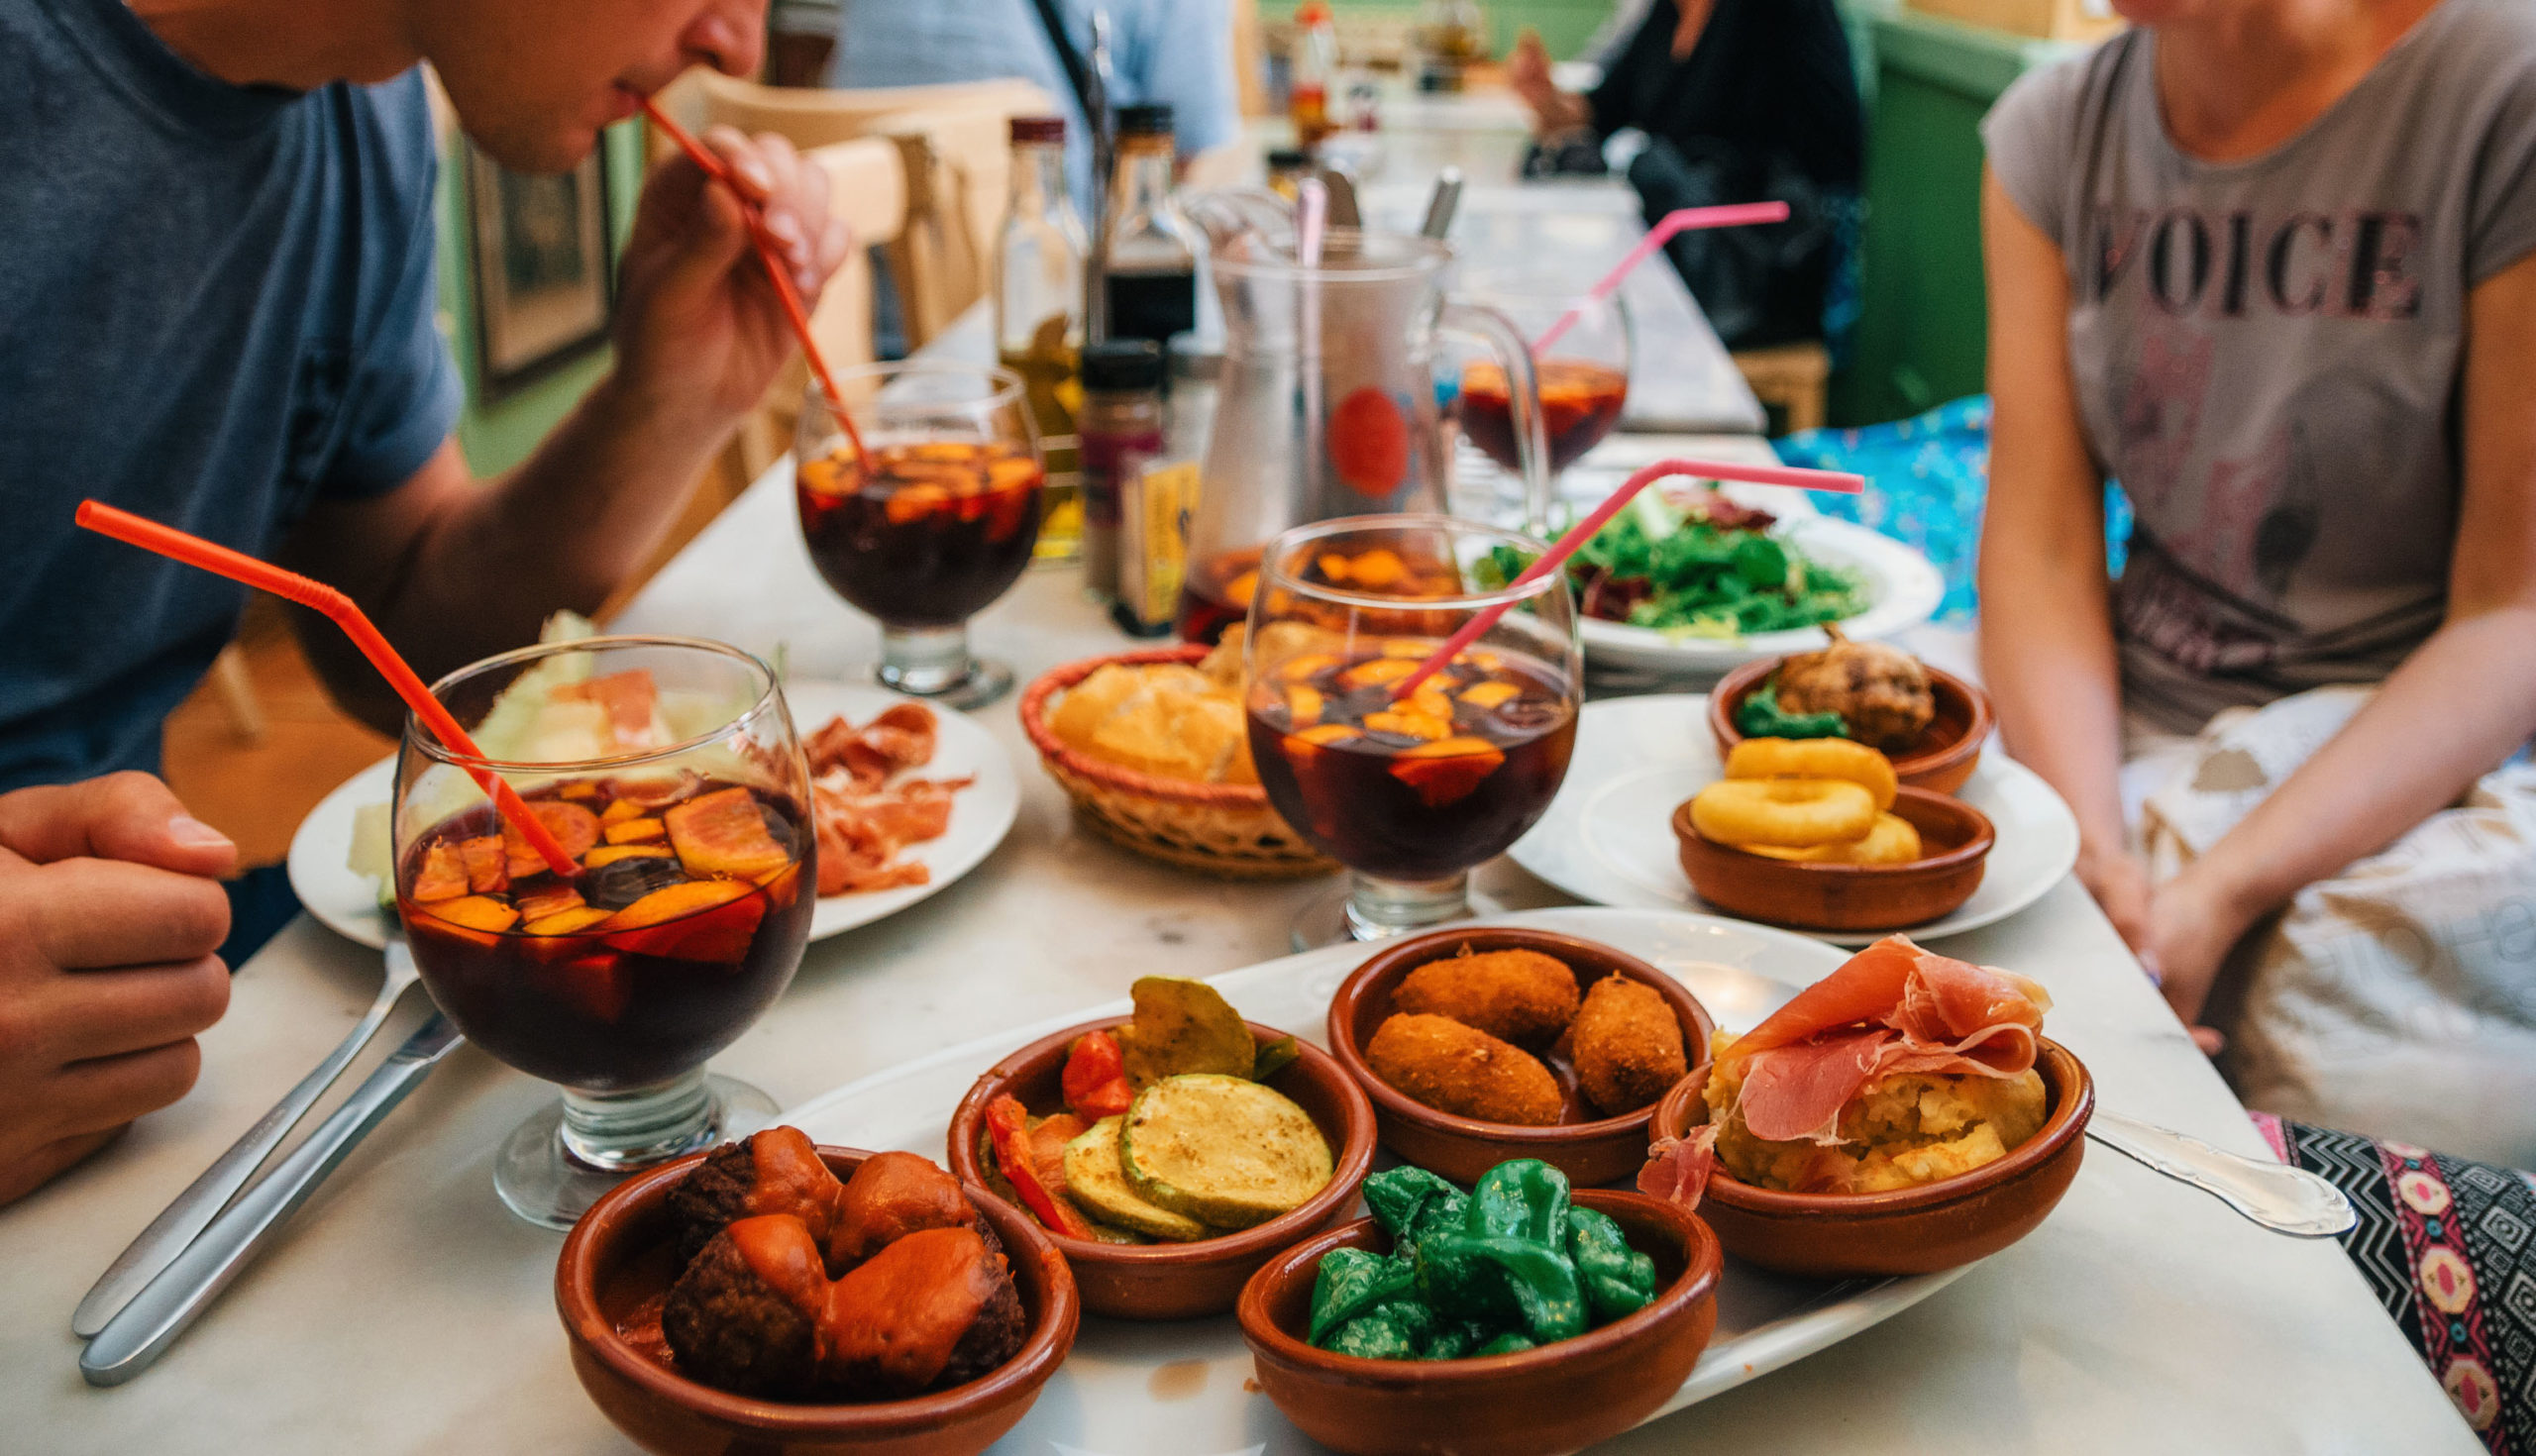 Paella spansk mat drikke restaurant Spania tapas